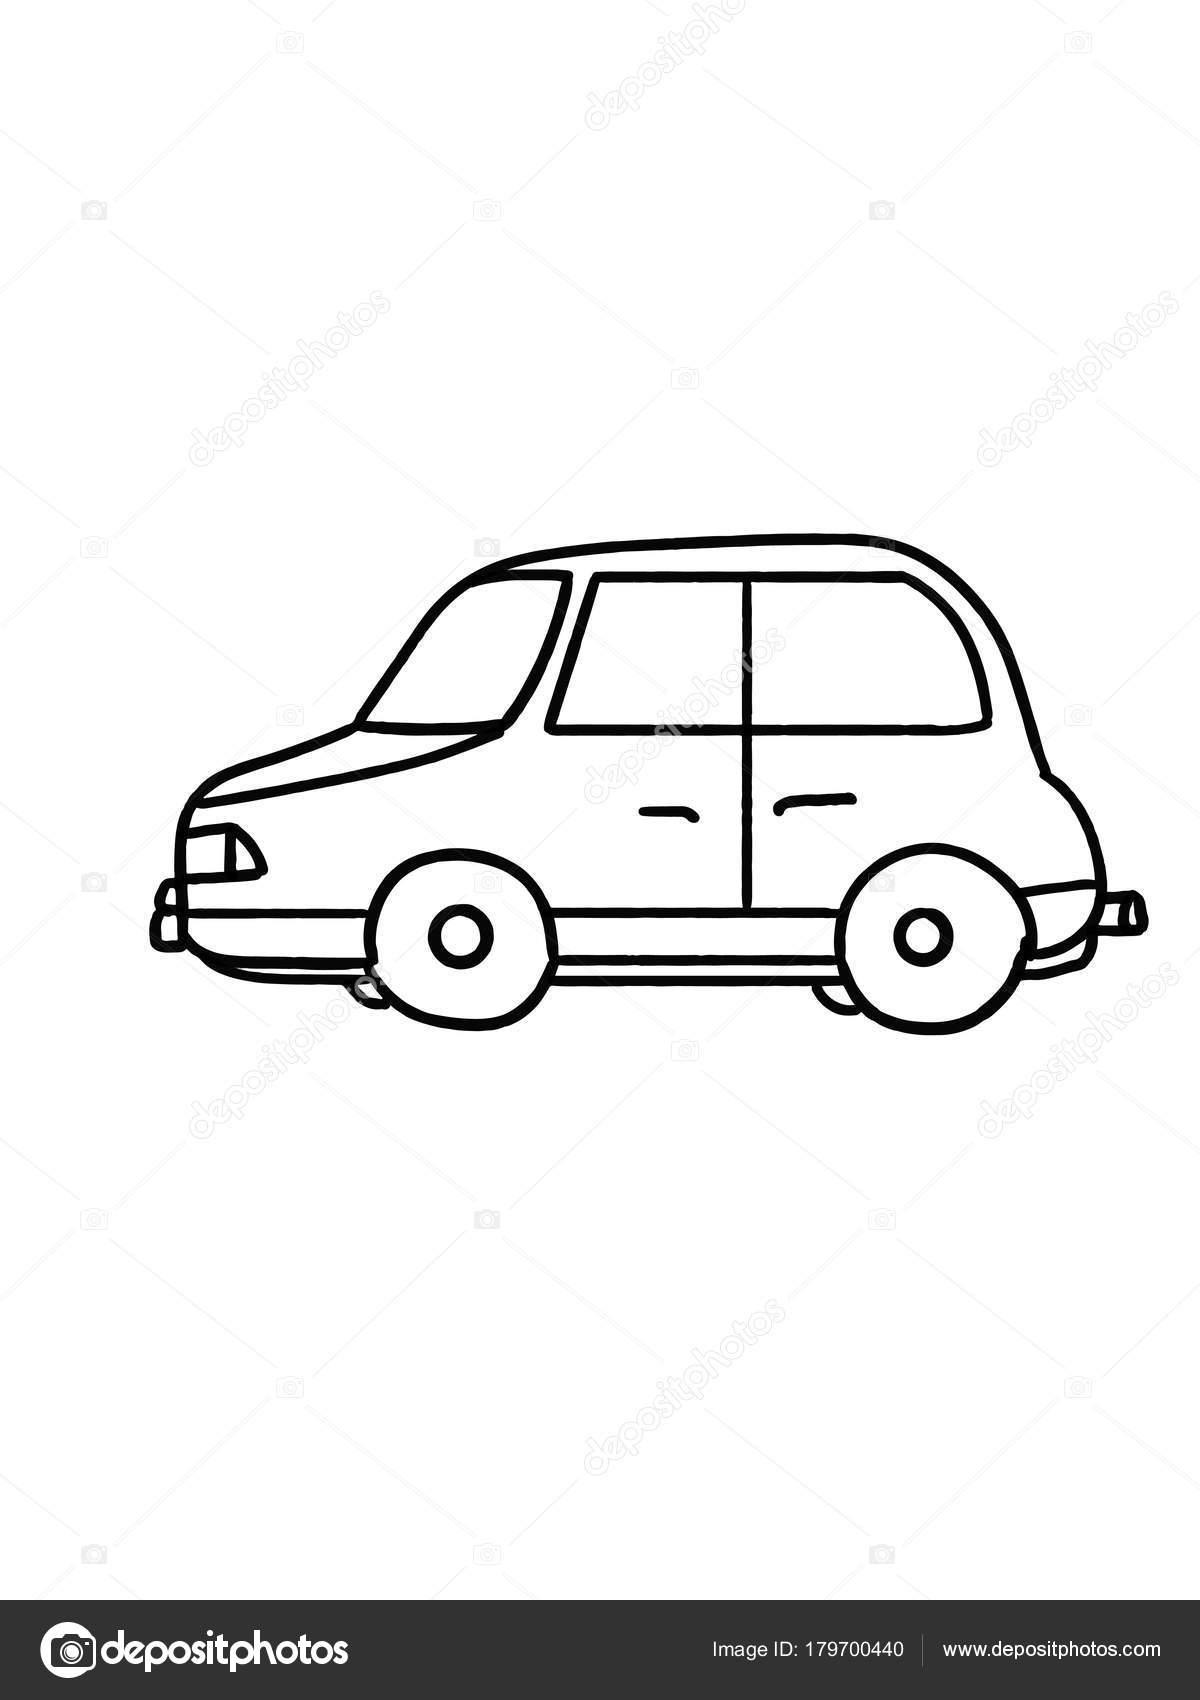 ぬりえ車黄色のタクシー イラスト漫画 ストック写真 Designartks